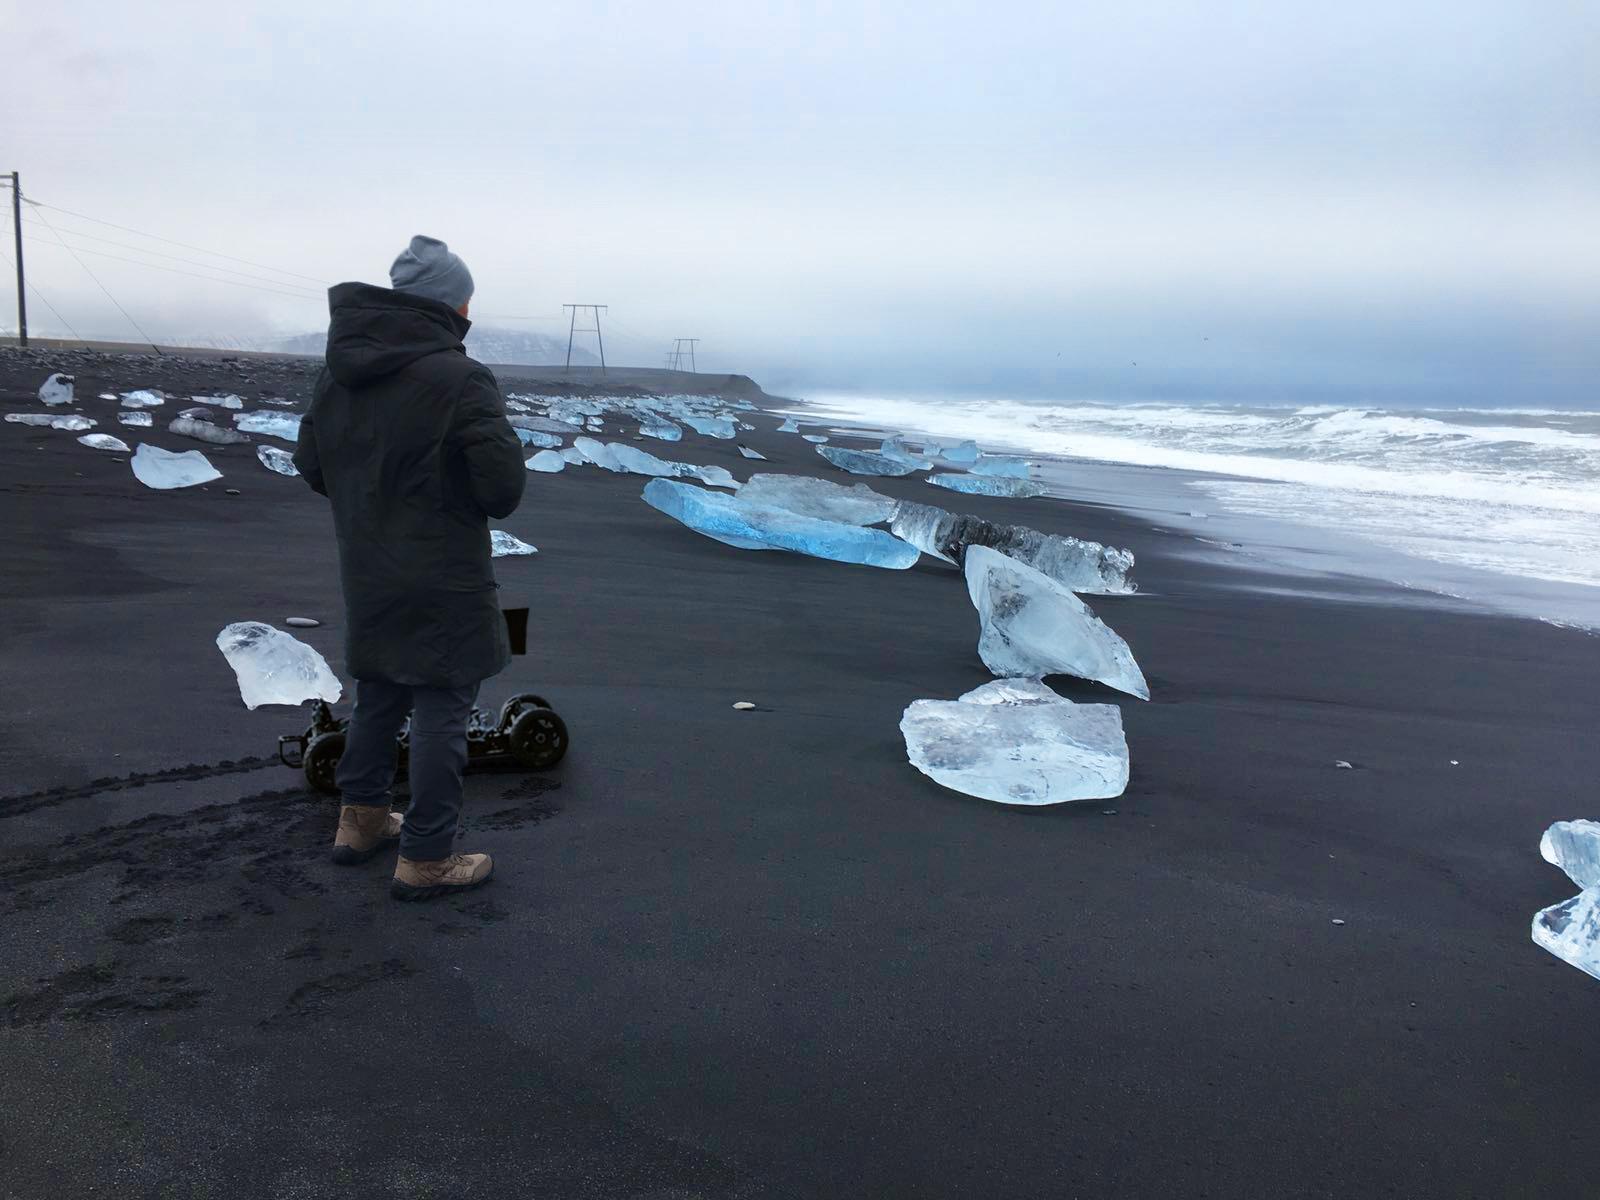 rc car at iceland.jpg